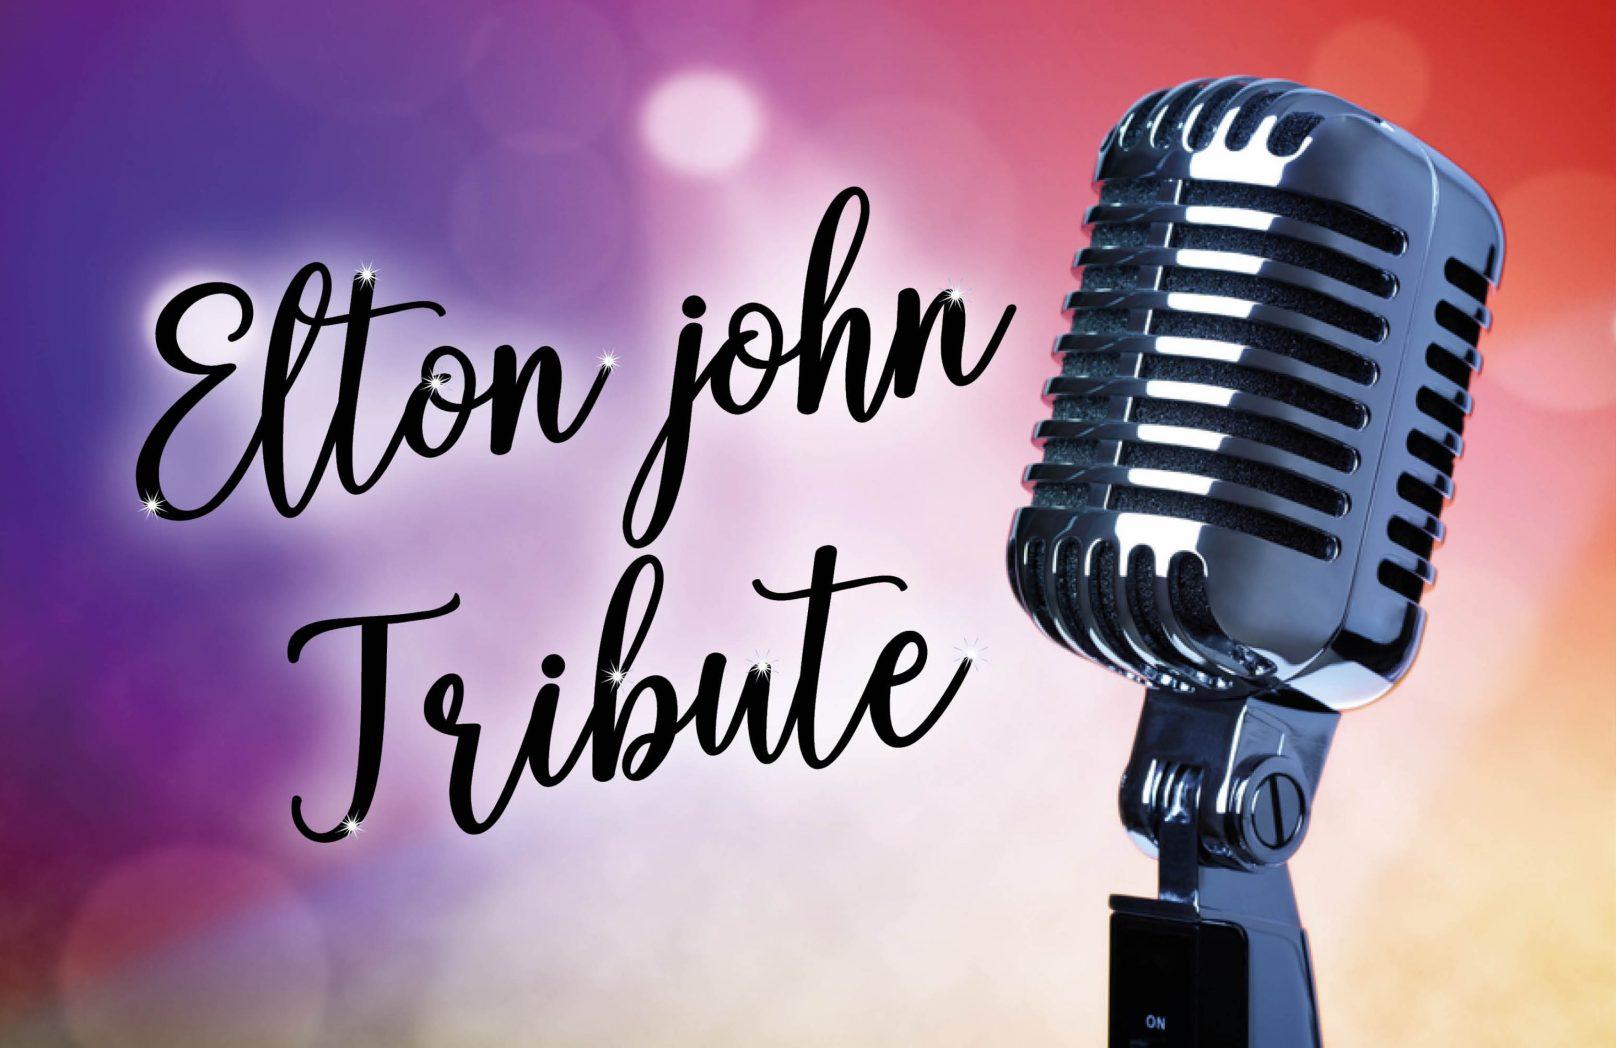 Elton John Tribute